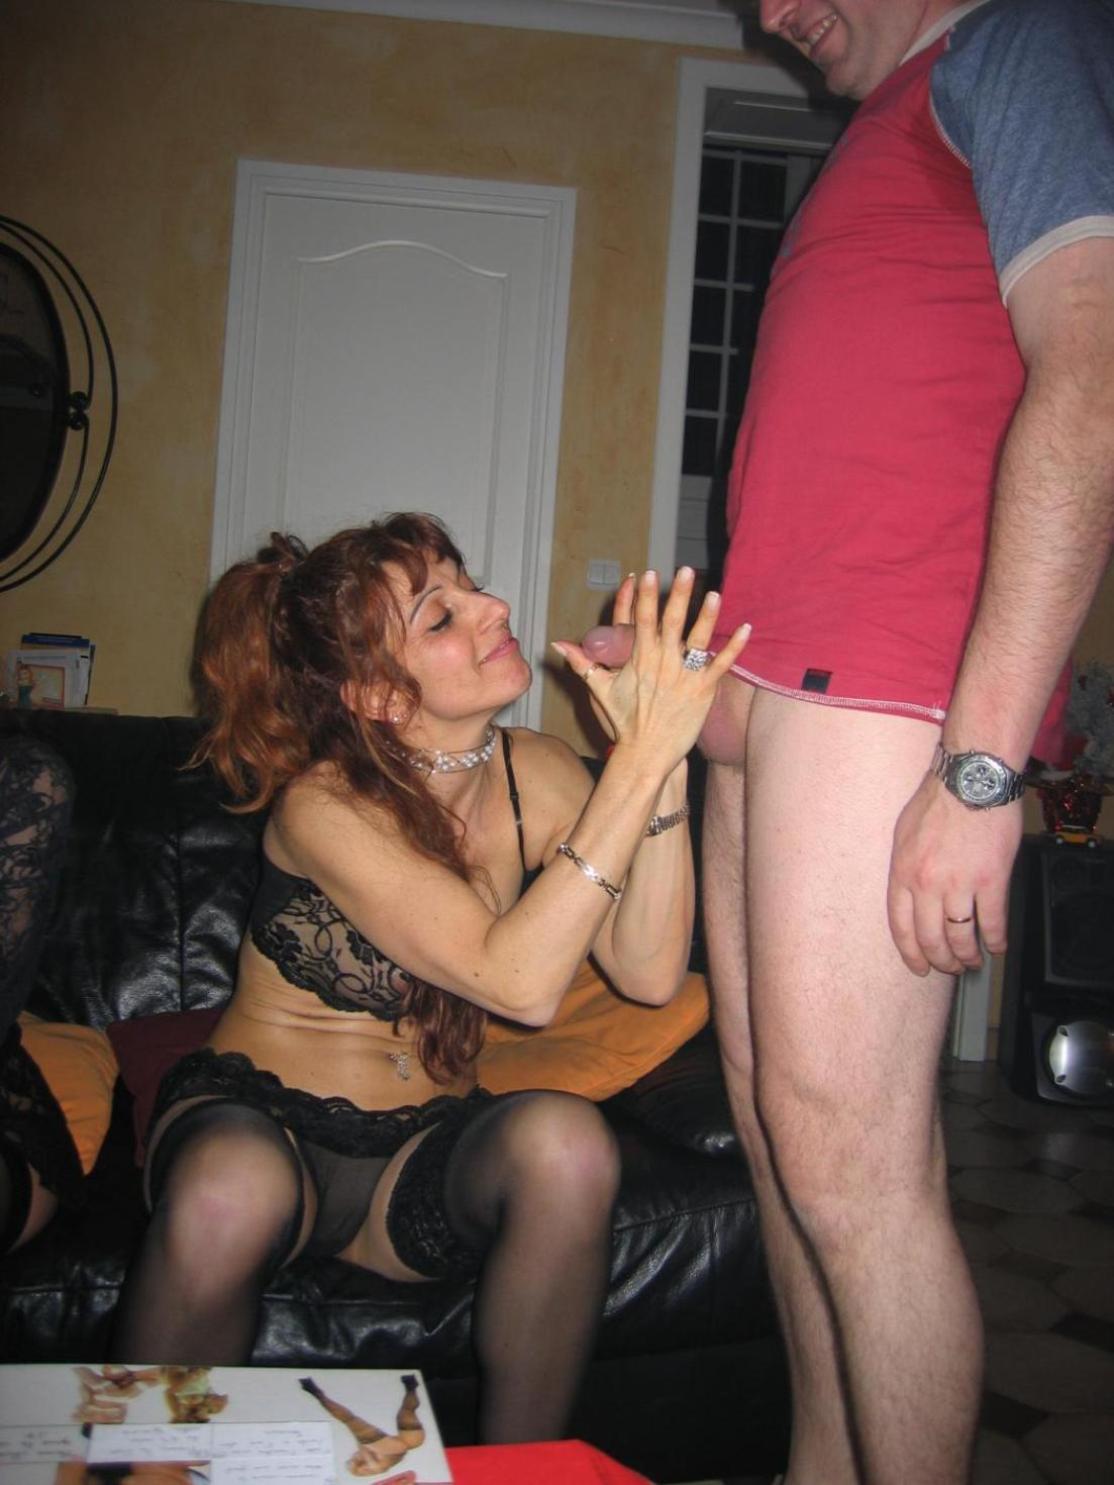 Шлюха Вечером Секс Фото